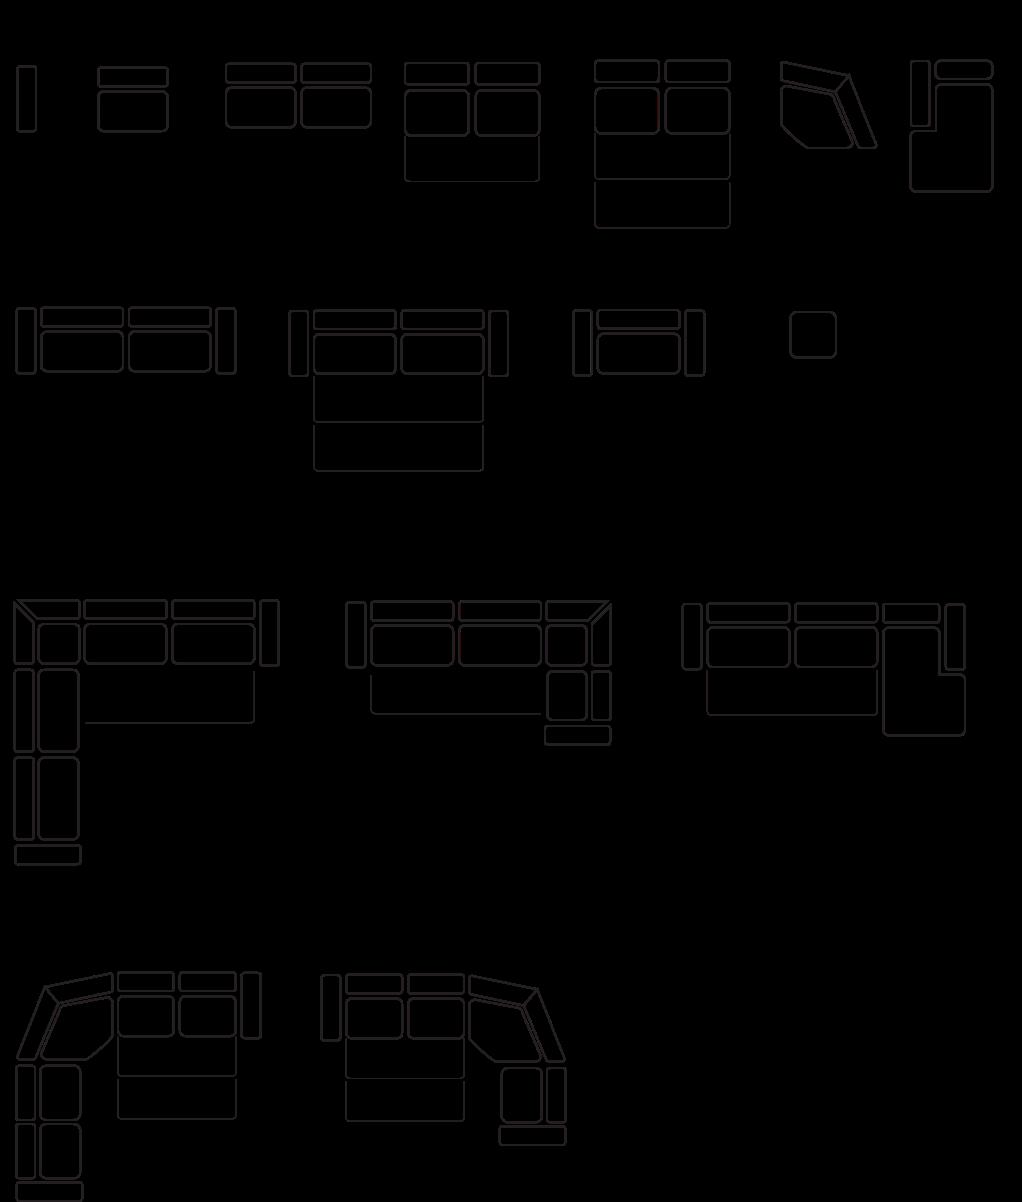 LORENZO - najbardziej ekskluzywna linia wzornicza marki CAYA DESIGN. Kolekcja  kierowana jest dla najbardziej